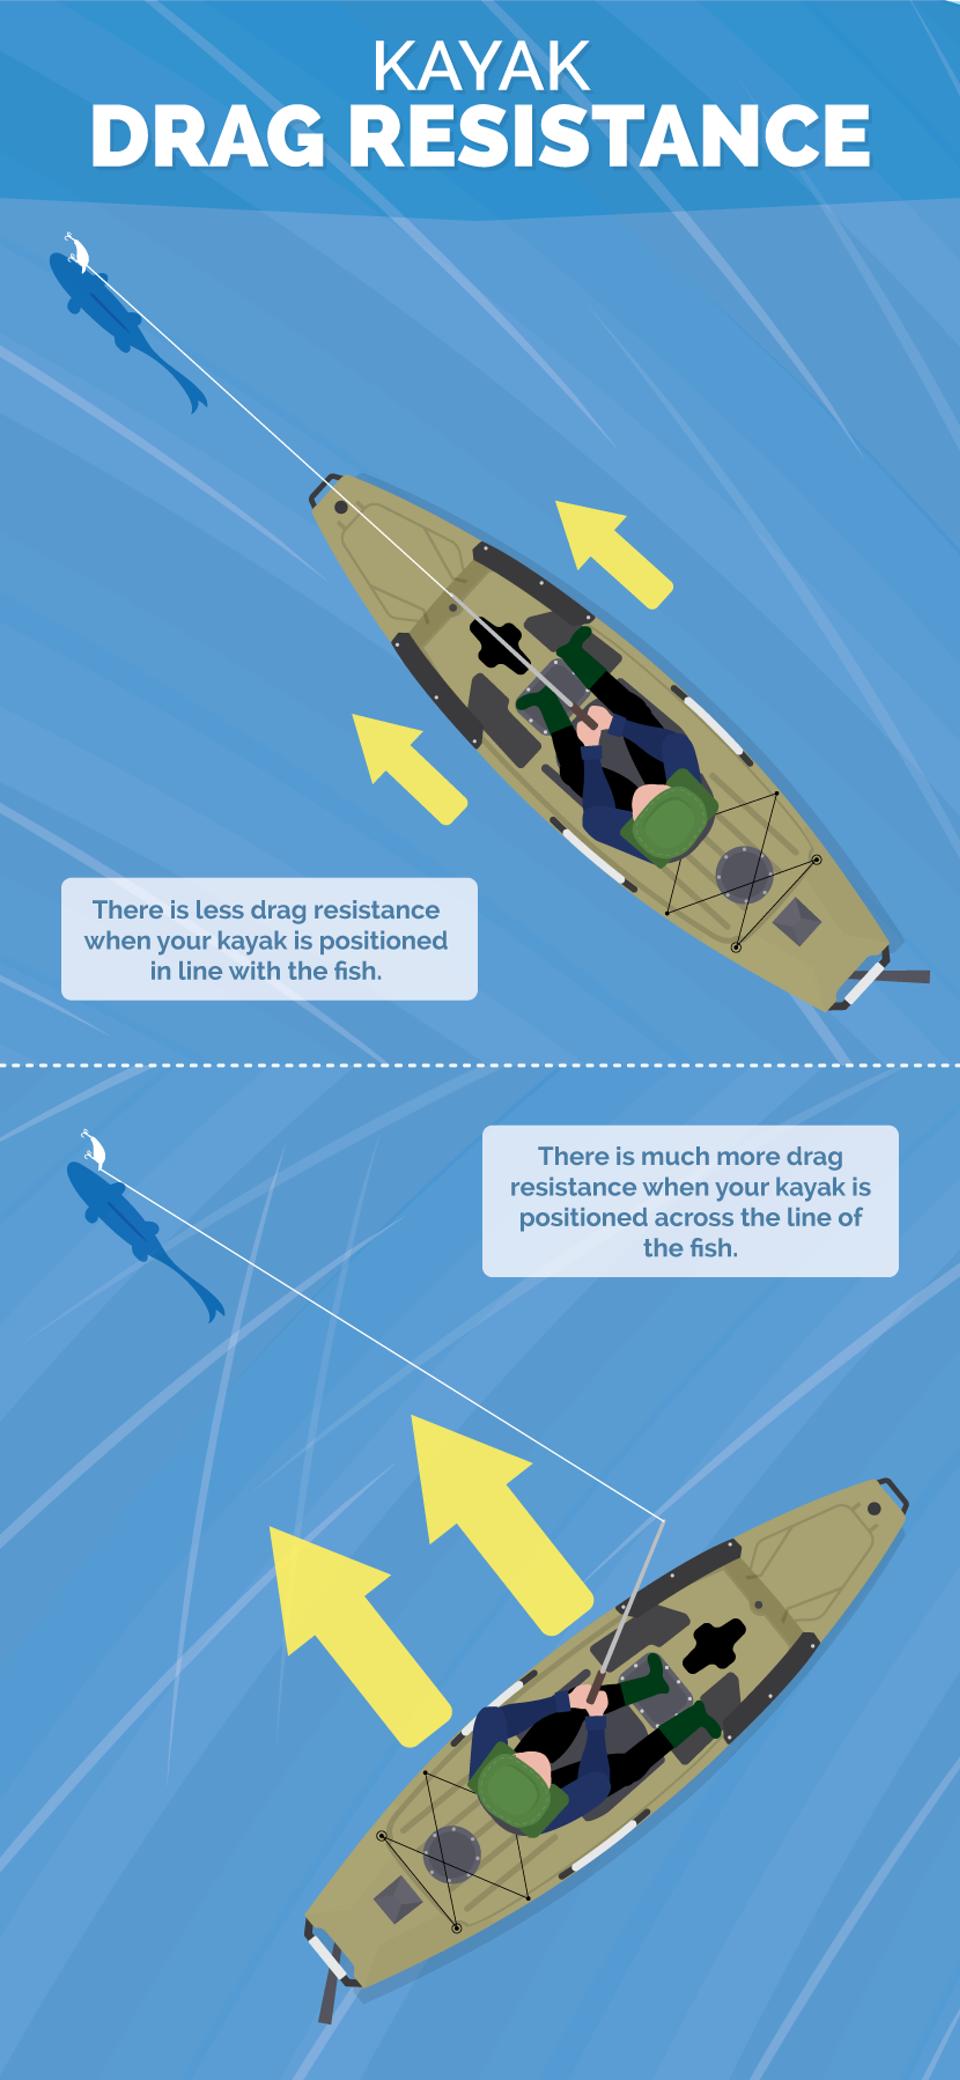 kayak-drag-resistance